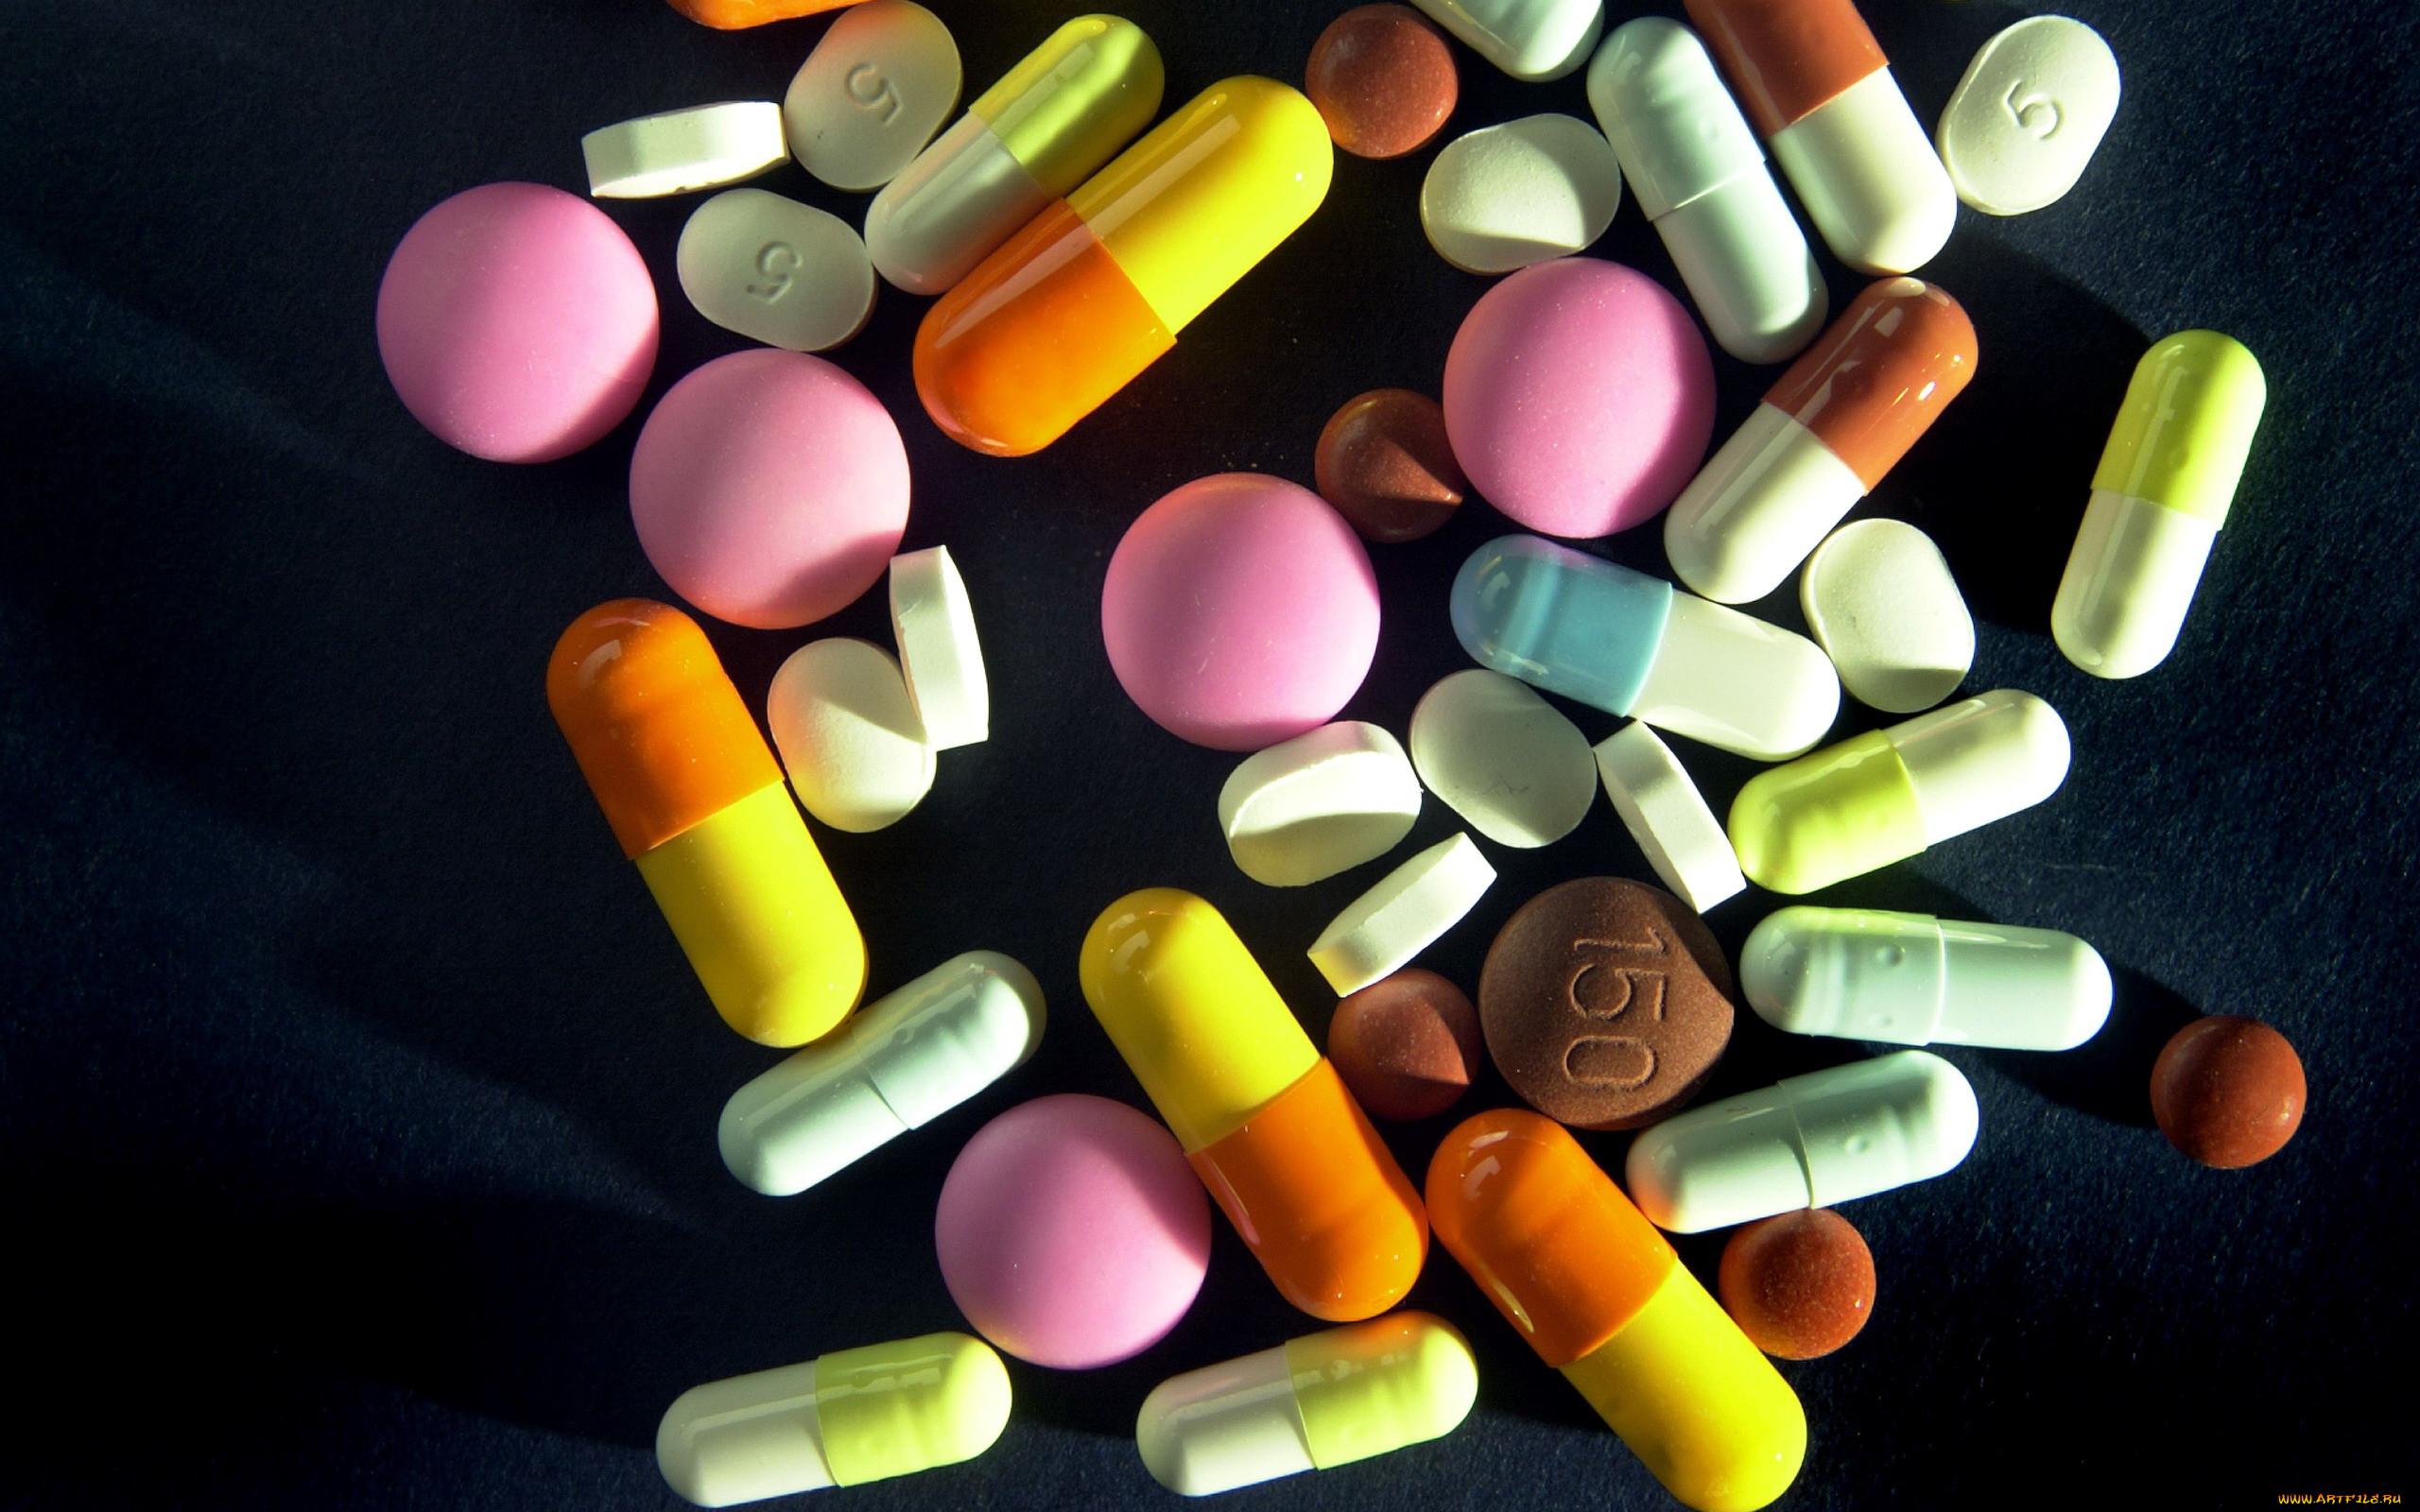 Картинка лекарства на столе